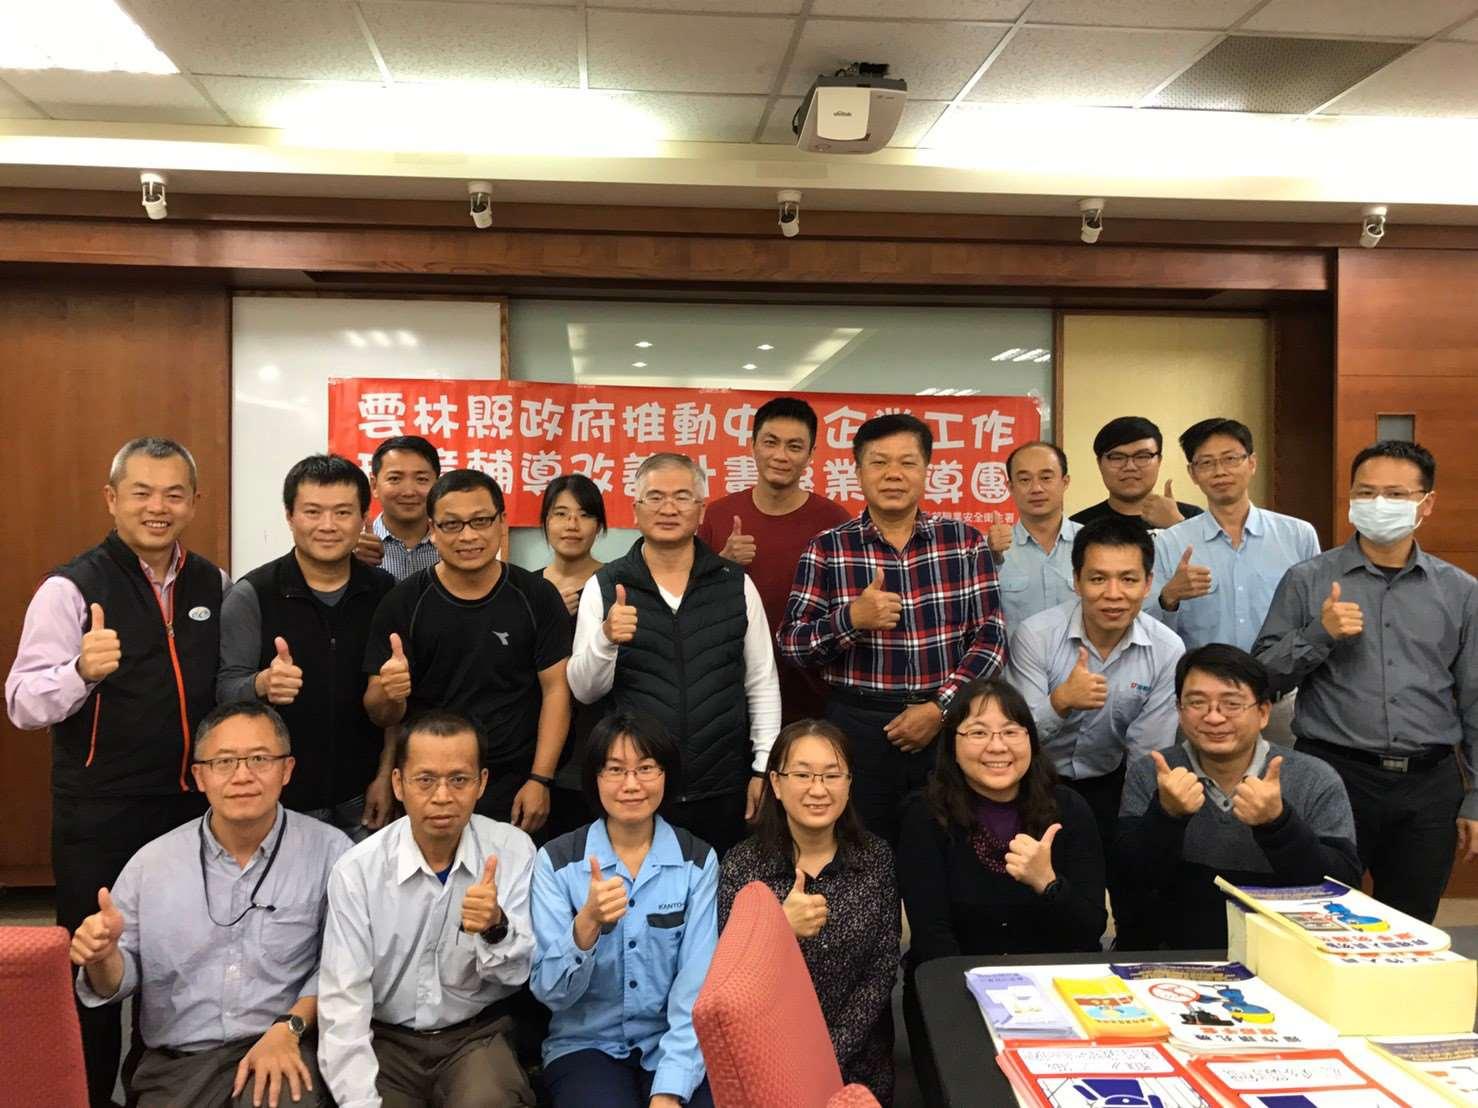 雲林縣府成立職安輔導團,臨廠輔導事業單位提升工作環境品質。